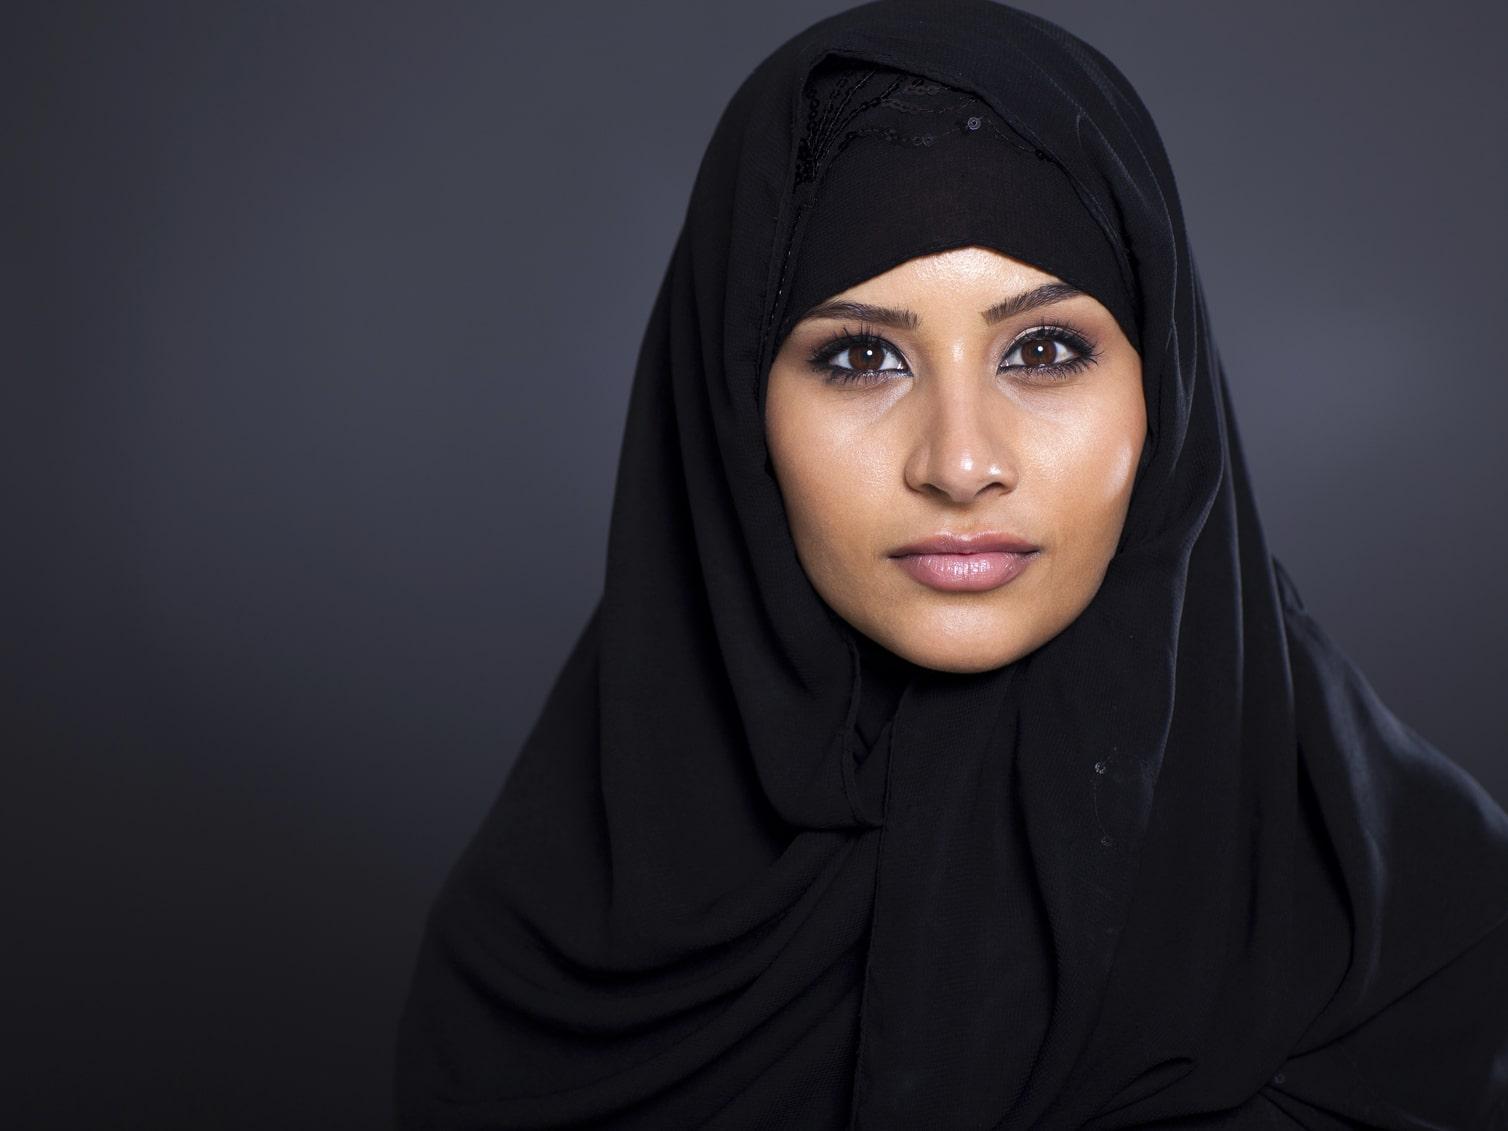 بالصور حجاب اسلامی , اجمل اشكال الحجاب 3942 18